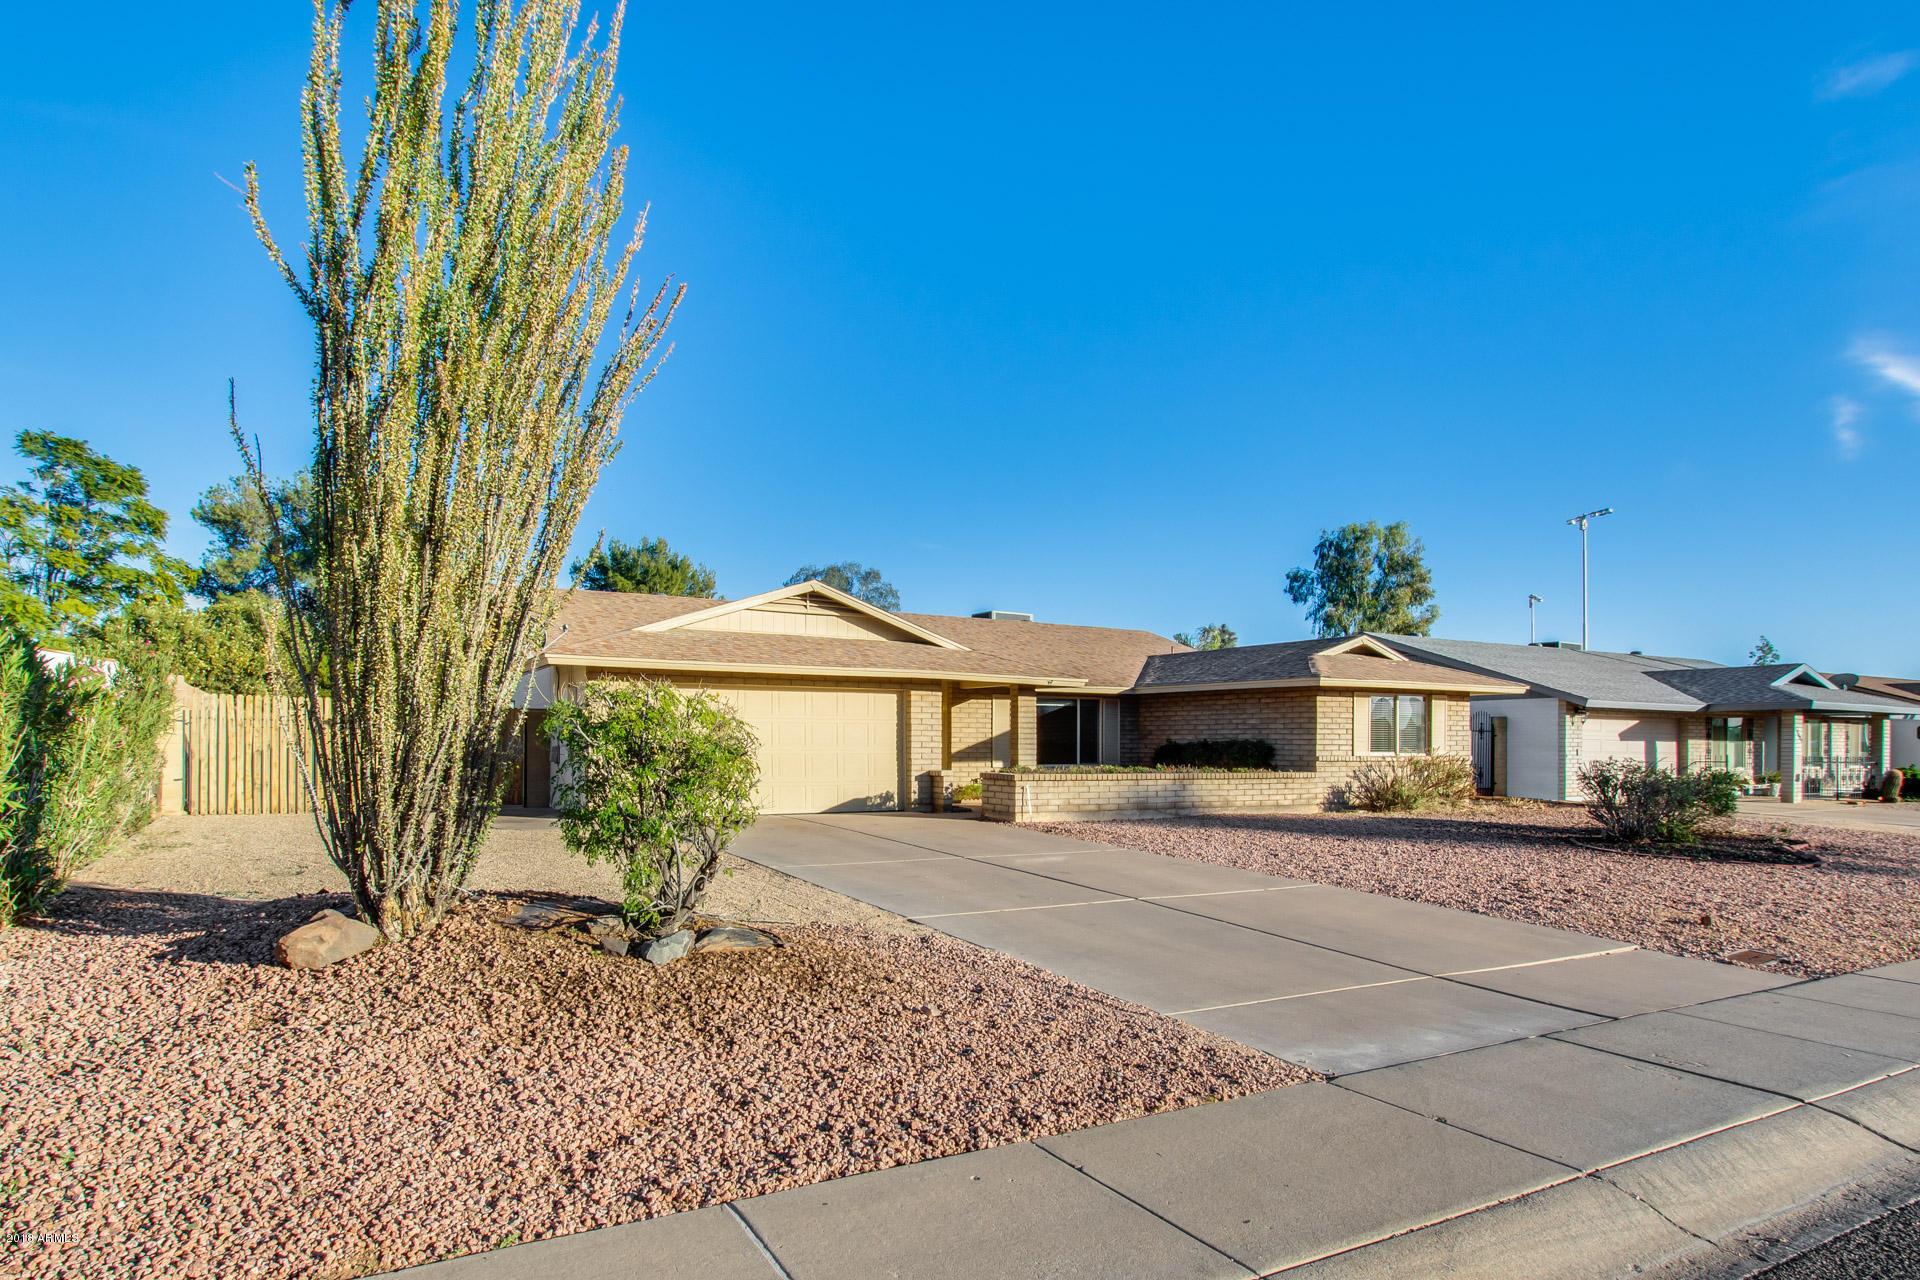 14817 N 50TH Place Scottsdale, AZ 85254 - MLS #: 5852023